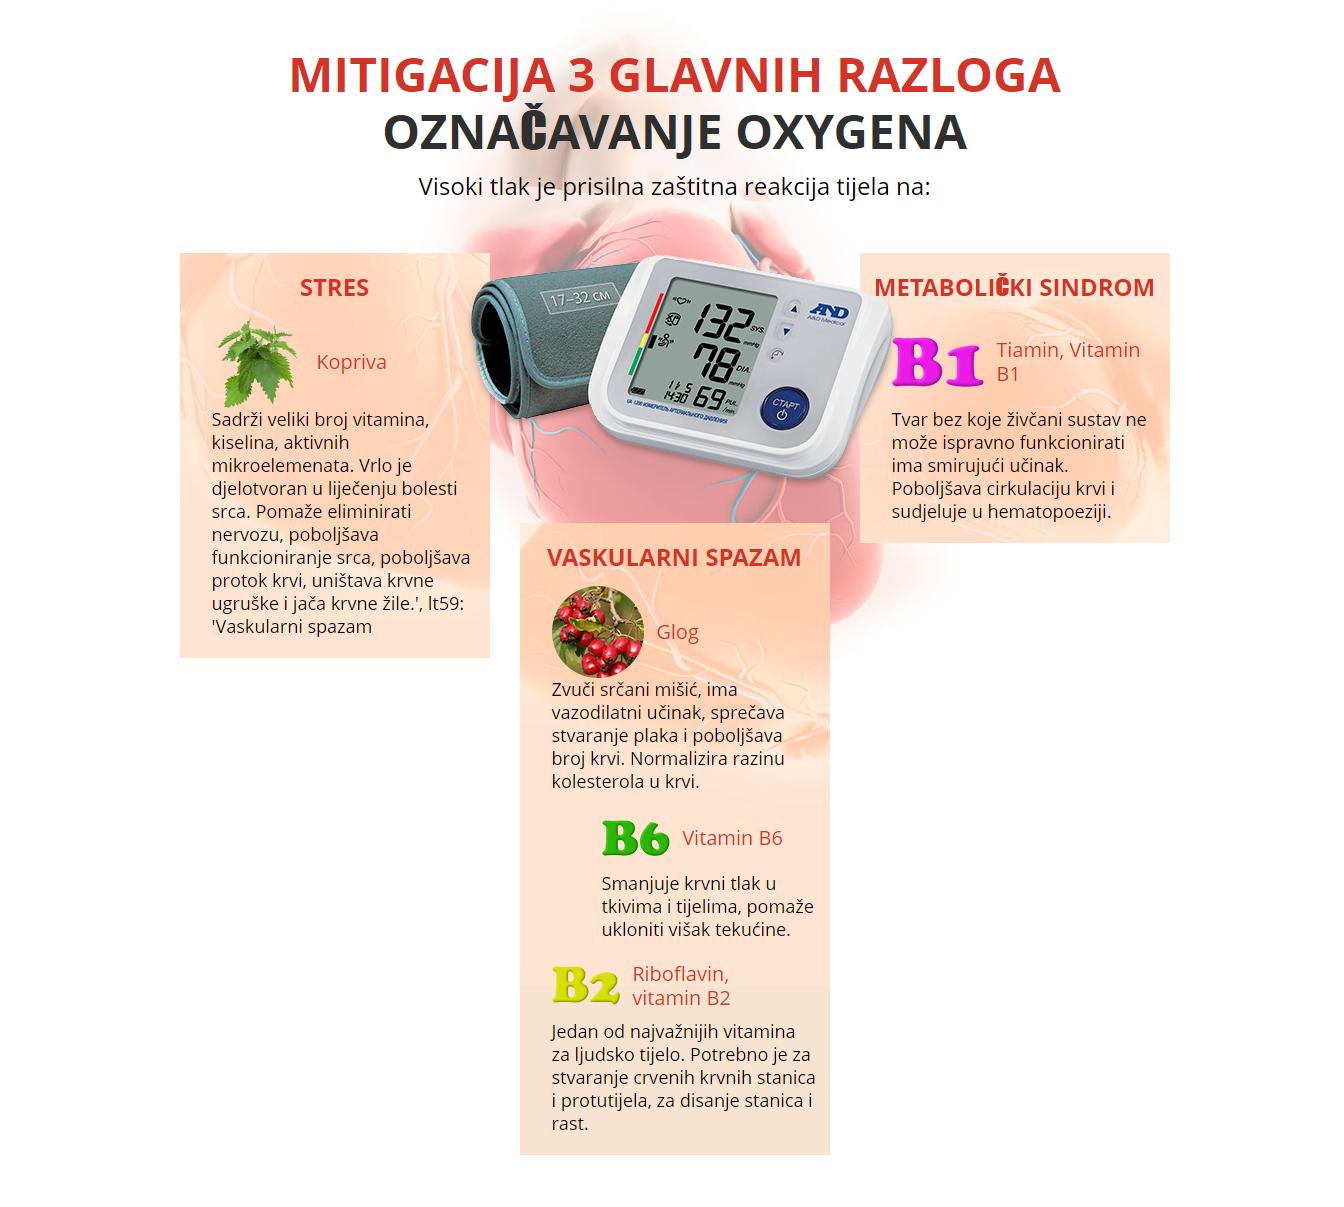 novi lijek za liječenje hipertenzije